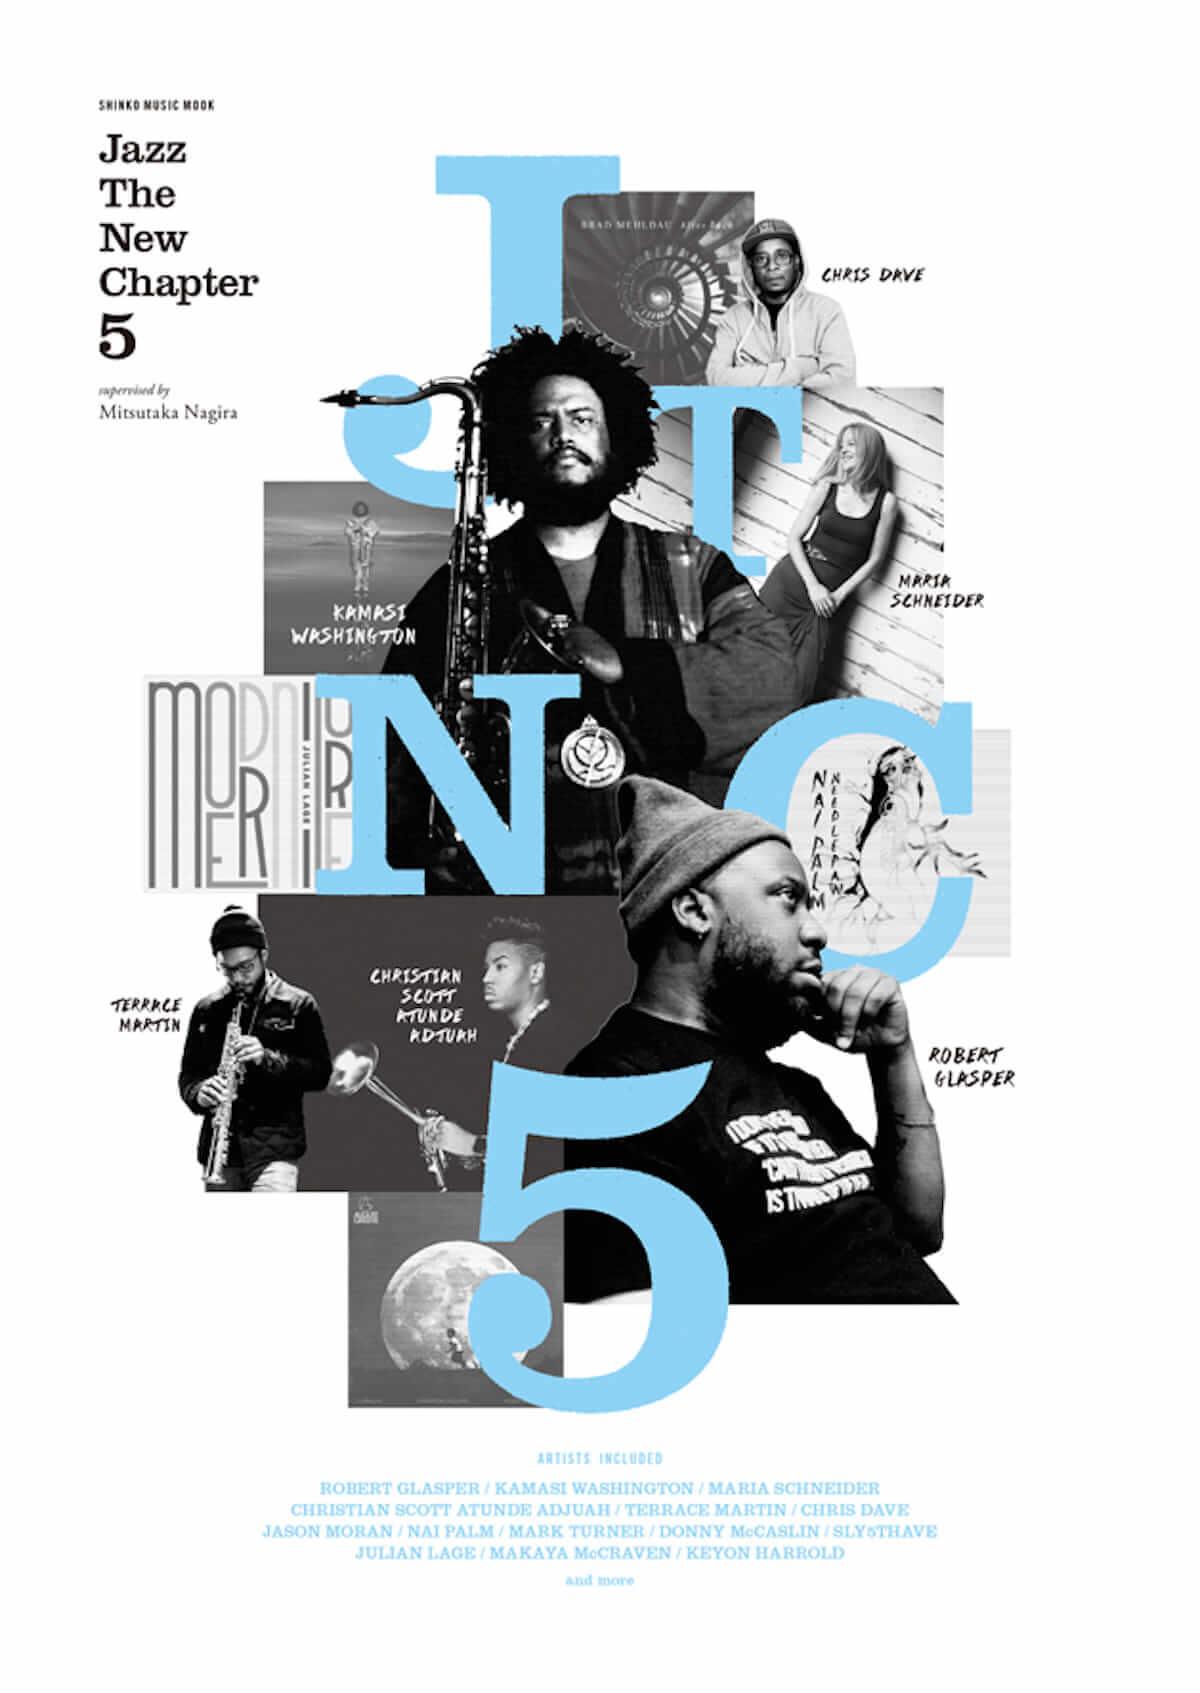 カマシ・ワシントンを出発点に、現代のジャズを解き明かす『Jazz The New Chapter 5』発売決定! culture180612_jazz_2-1200x1693